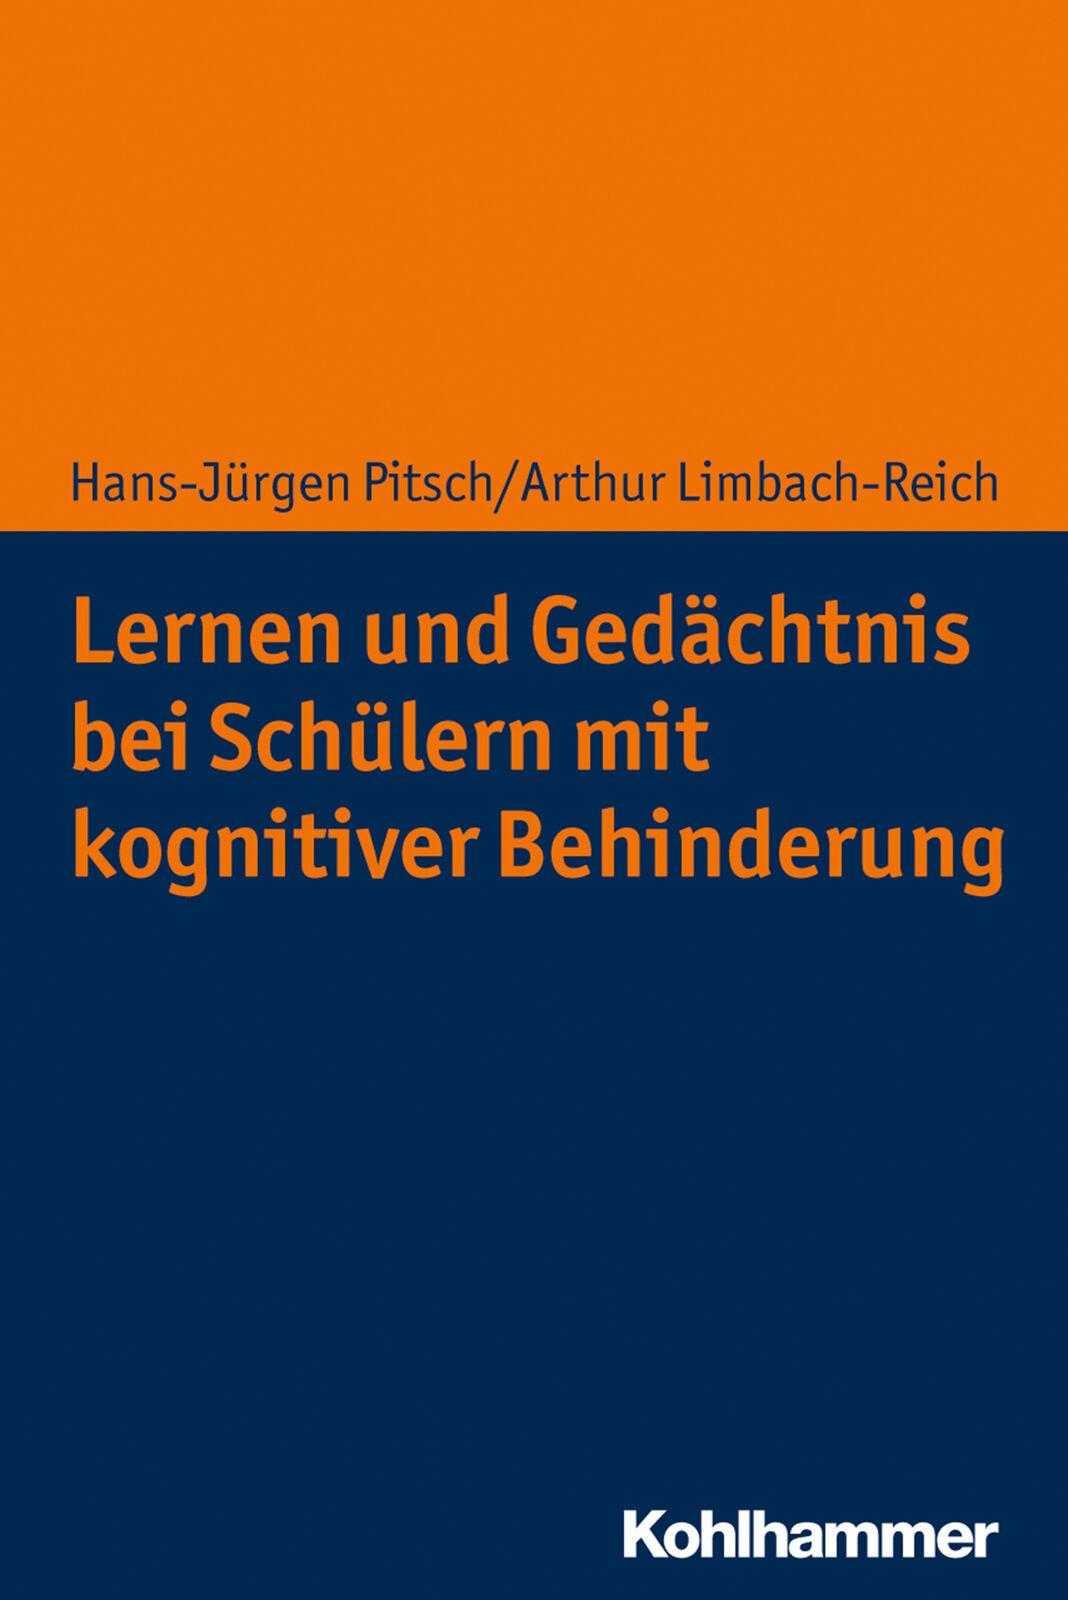 Lernen und Gedächtnis bei Schülern mit kognitiver Behinderung Hans-Jürgen P ... - Hans-Jürgen Pitsch, Arthur Limbach-Reich